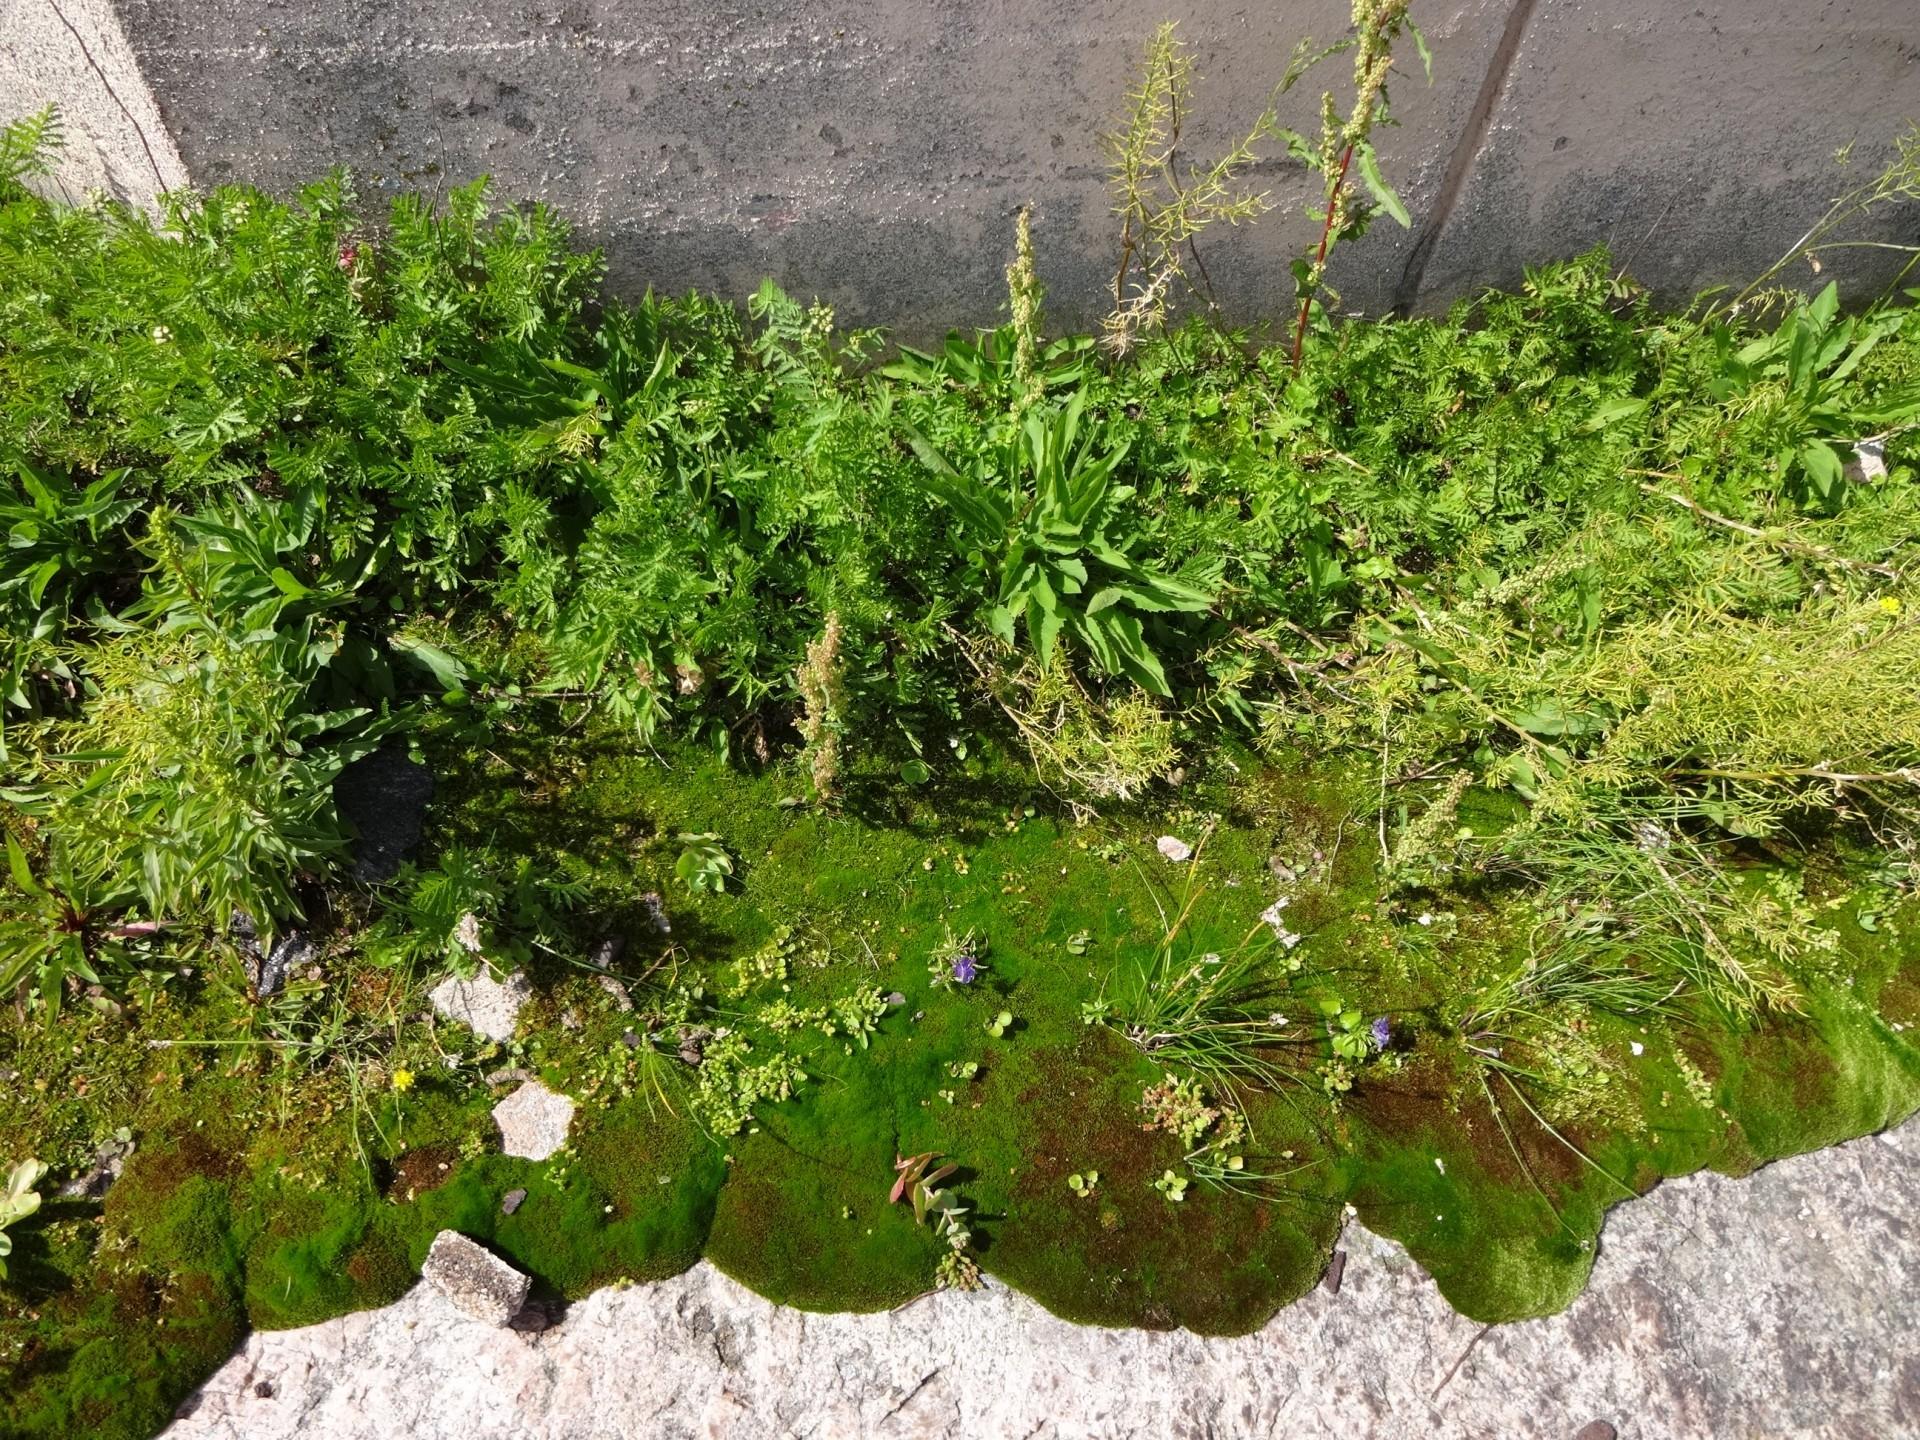 Kasvillisuus saarella on varsin vähäistä.  Pienillä maatilkuilla kasvavat vain sitkeimmät kukat ja sammaleet.